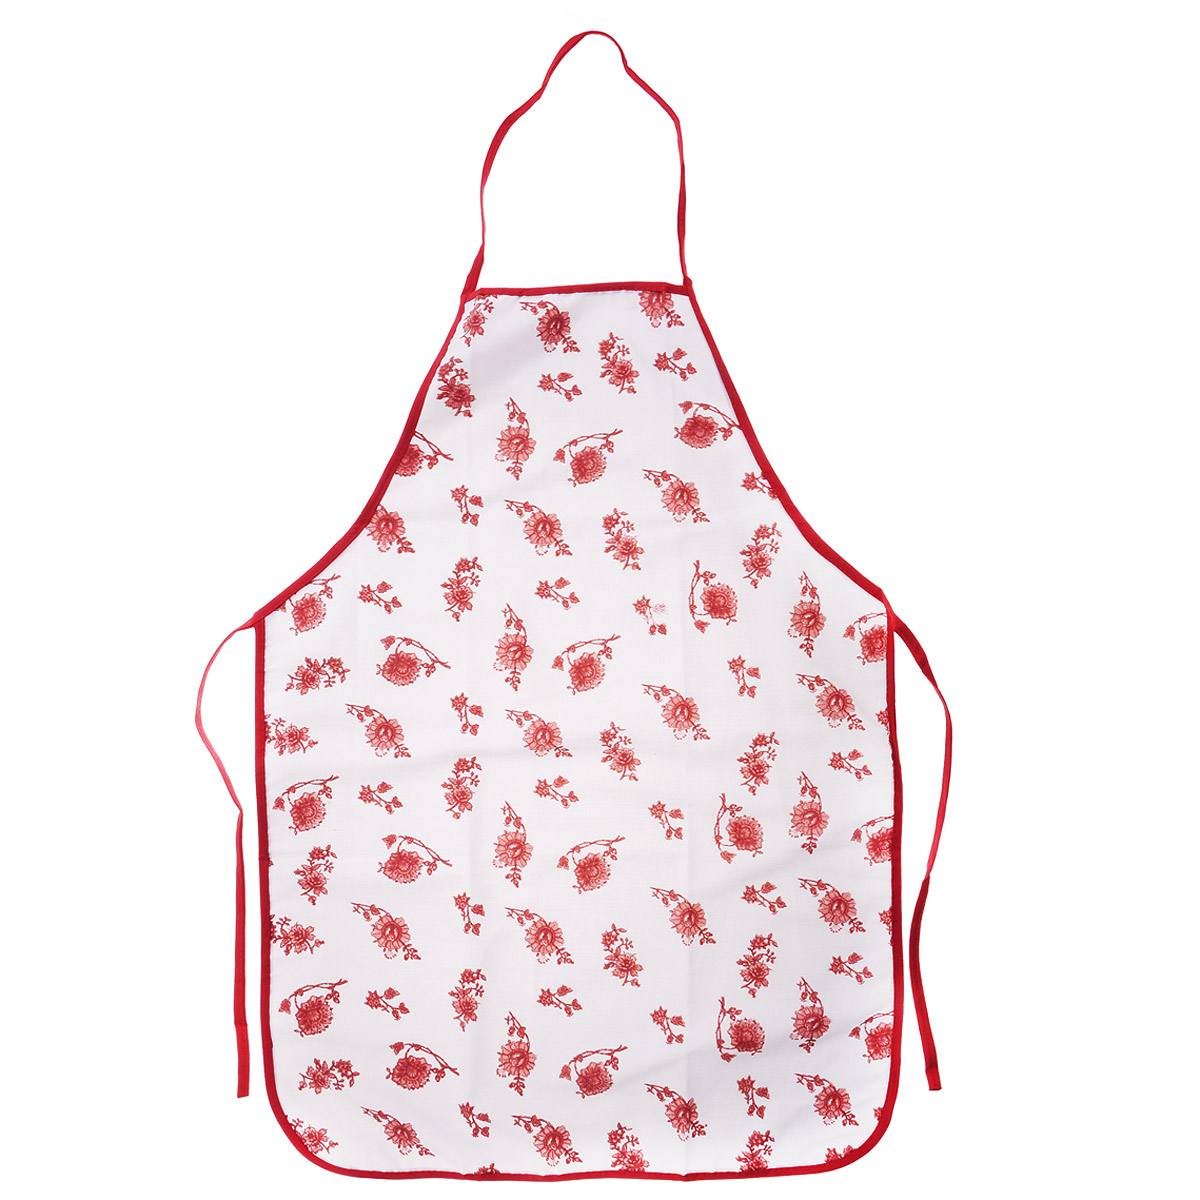 Фартук Коралл, цвет: белый, 50 см х 74 см. 7919821004900000360Фартук Коралл станет незаменимым аксессуаром на вашей кухне. Фартук изготовлен из 100% хлопка, приятный и мягкий на ощупь.Фартук Коралл - отличный вариант для практичной и современной хозяйки. Размер фартука: 50 см х 74 см.